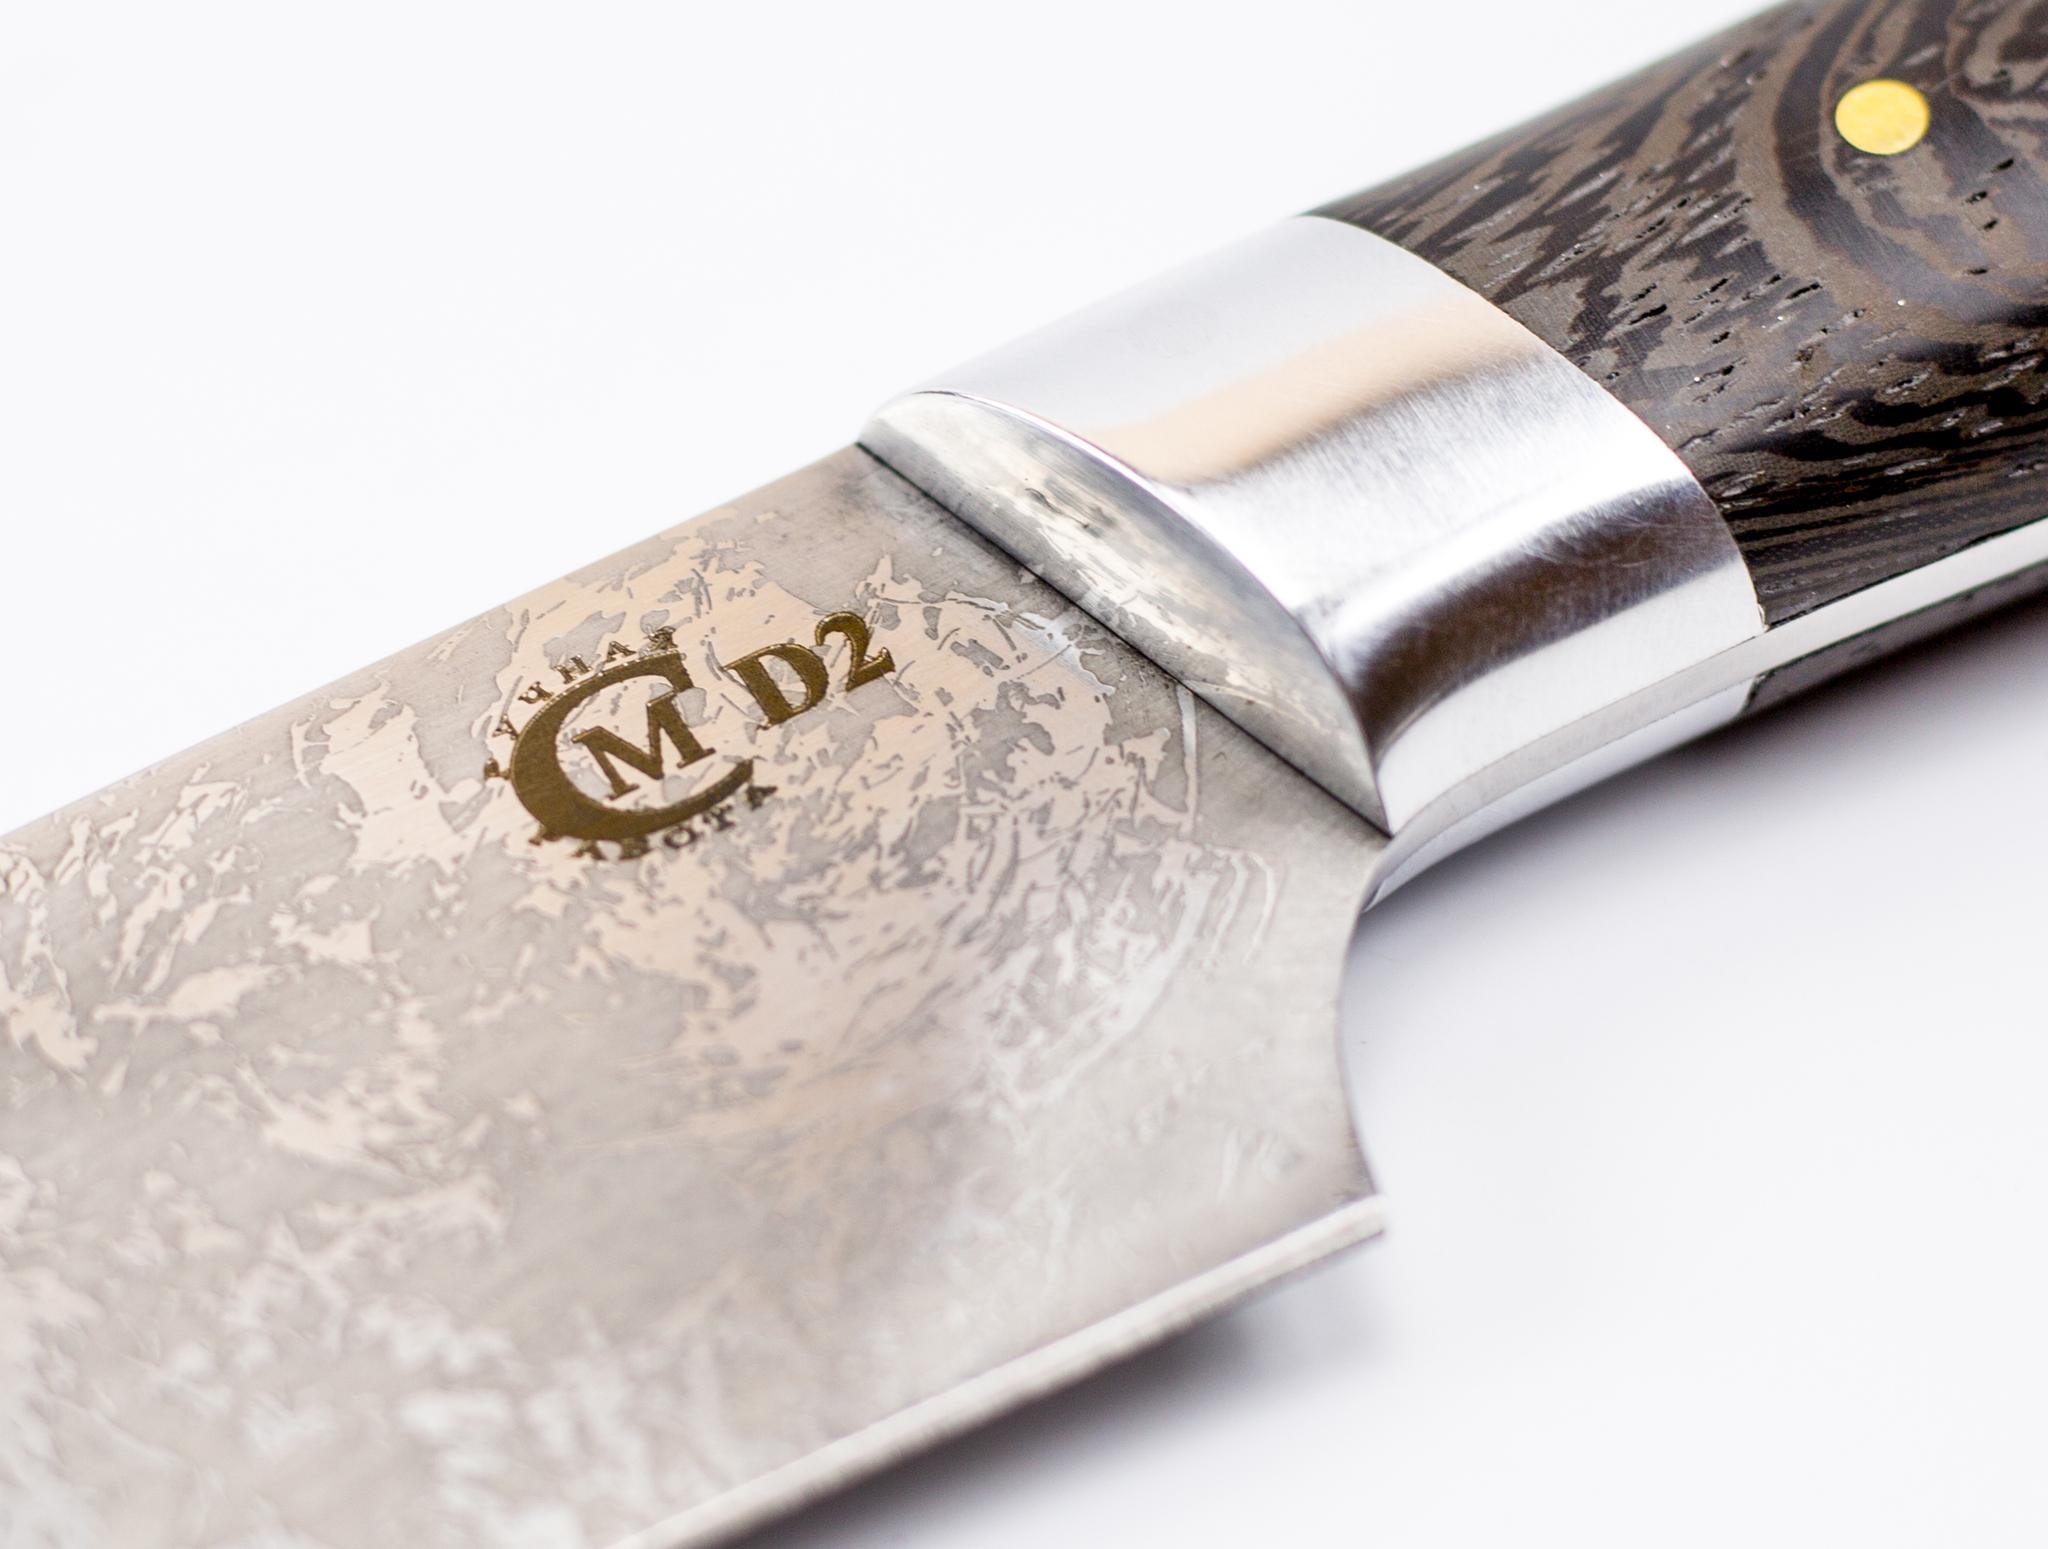 Фото 3 - Нож Шеф-повар, сталь D2, венге от Кузница Семина